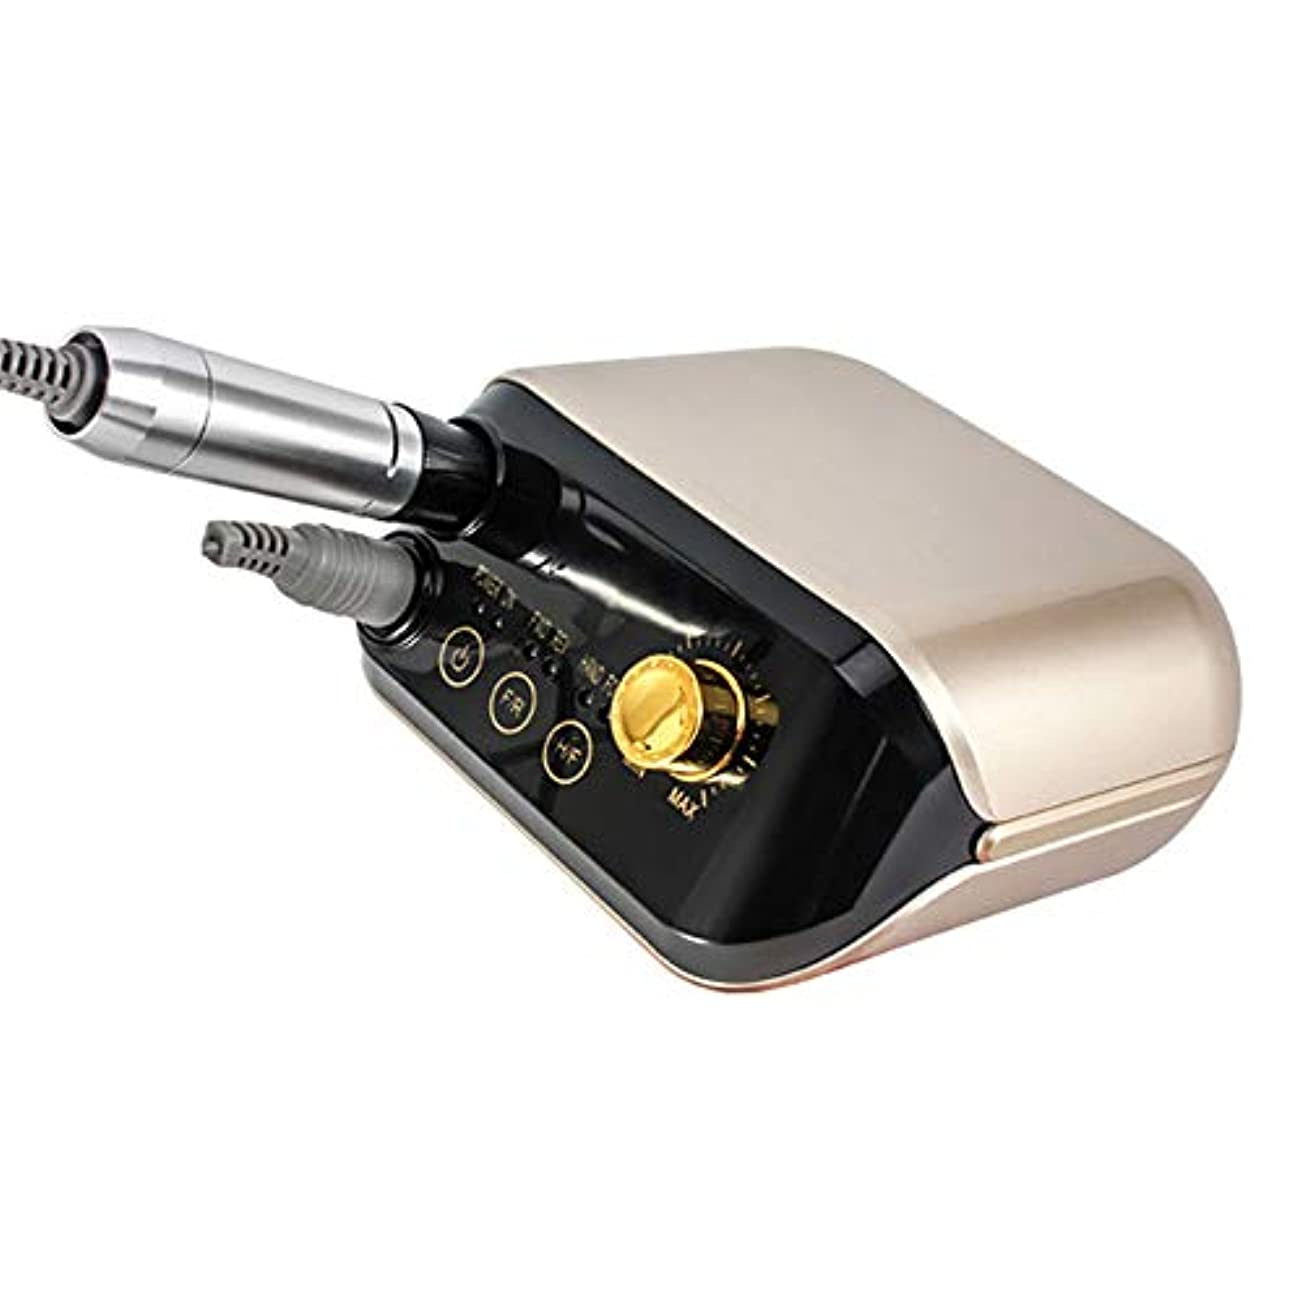 見捨てられた発行賠償ネイルペディキュアマシン用ネイルドリルマニキュアマシンセット30W 25000 rpm Pro